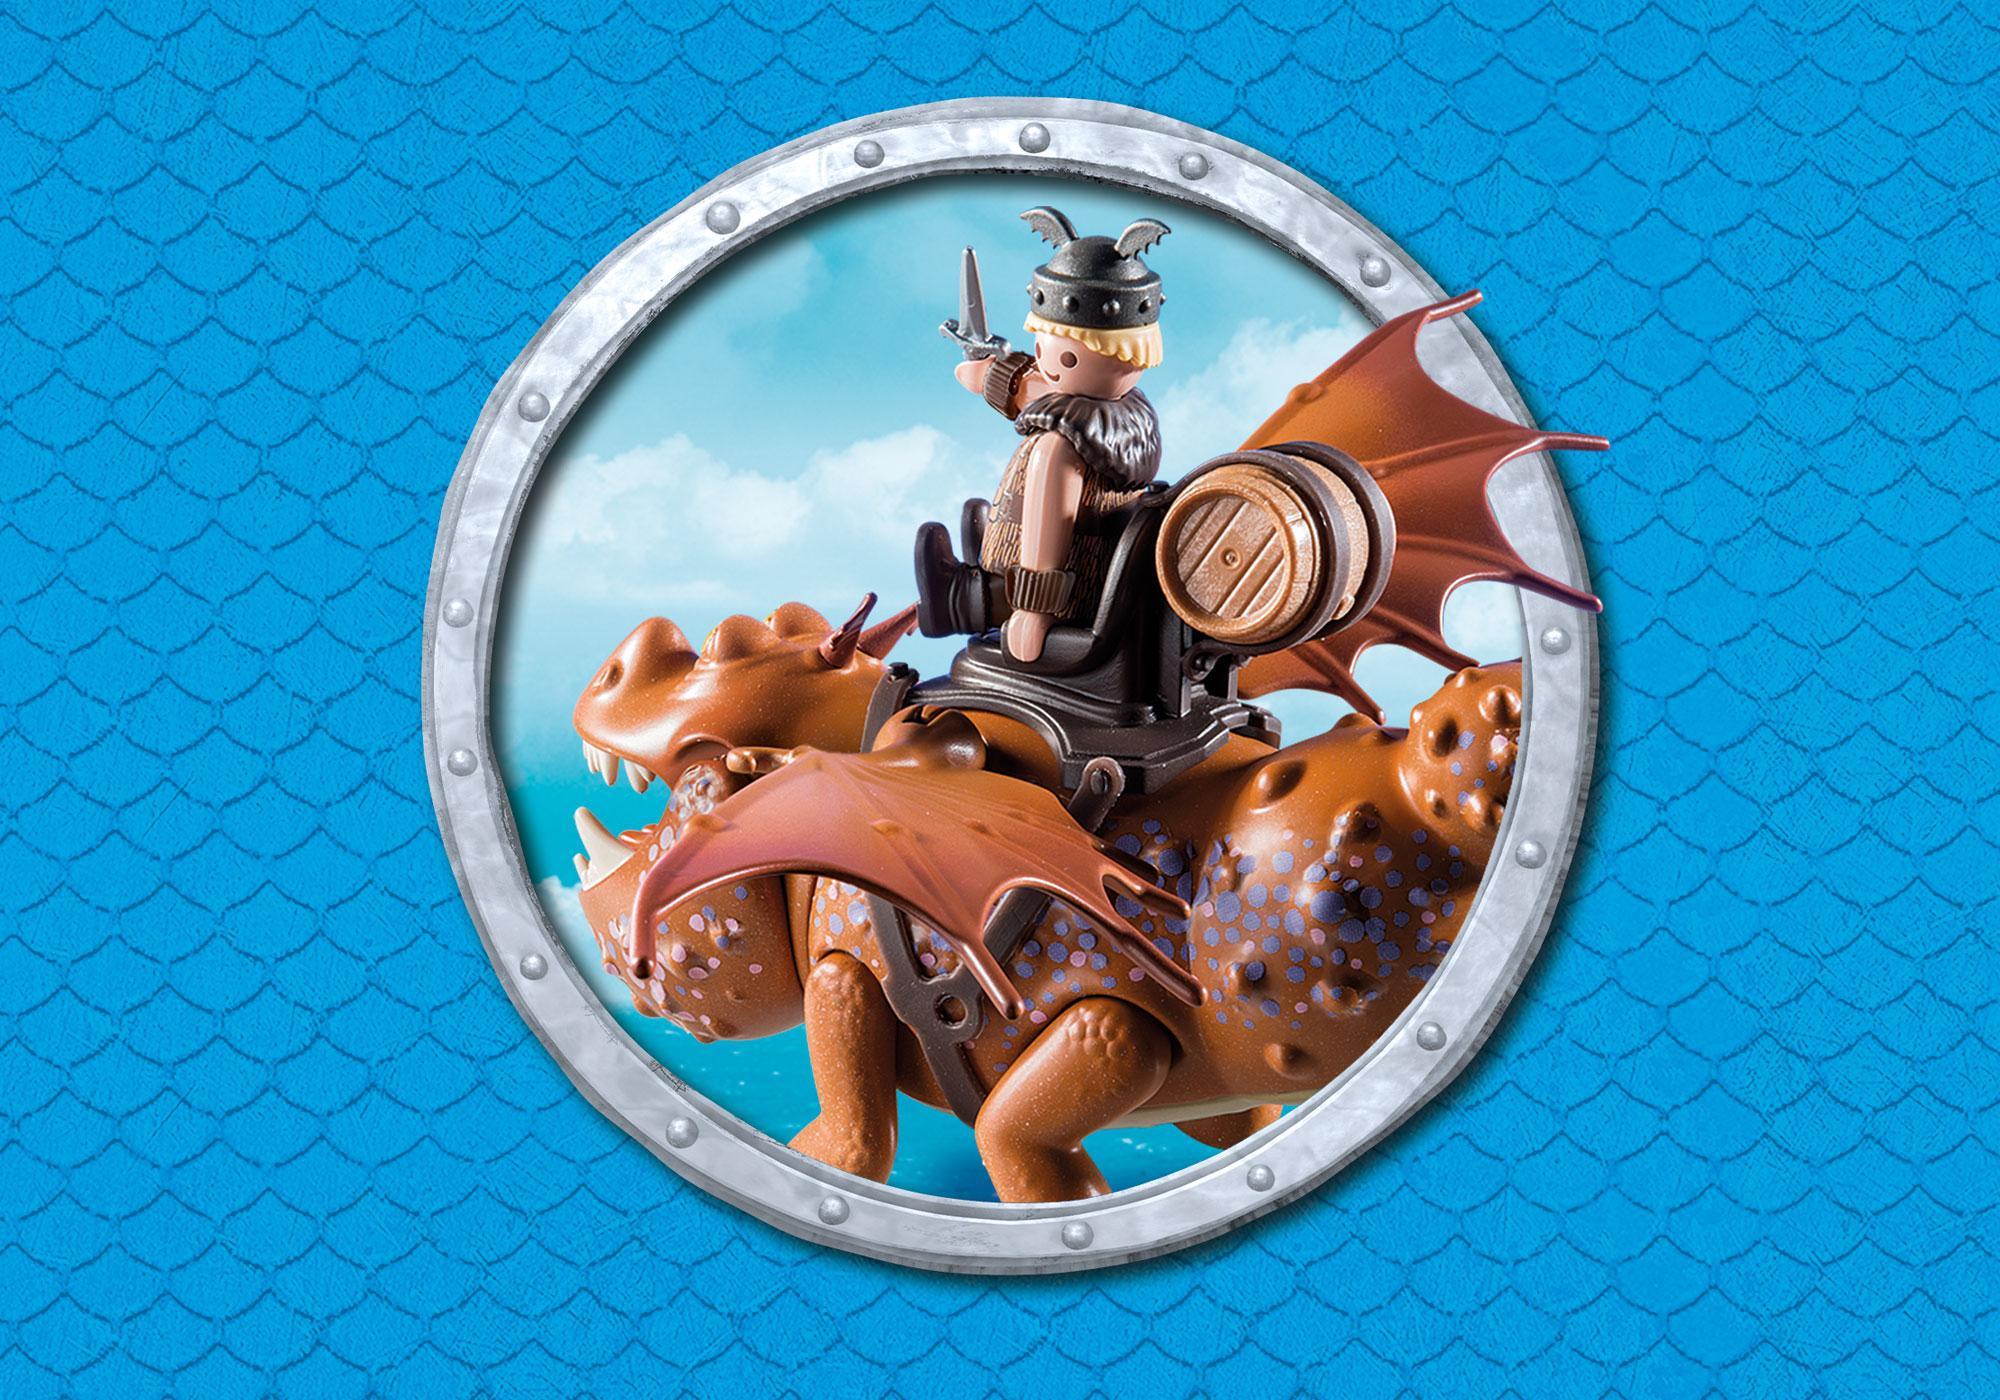 http://media.playmobil.com/i/playmobil/9460_product_extra5/Molenga e Perna de Peixe